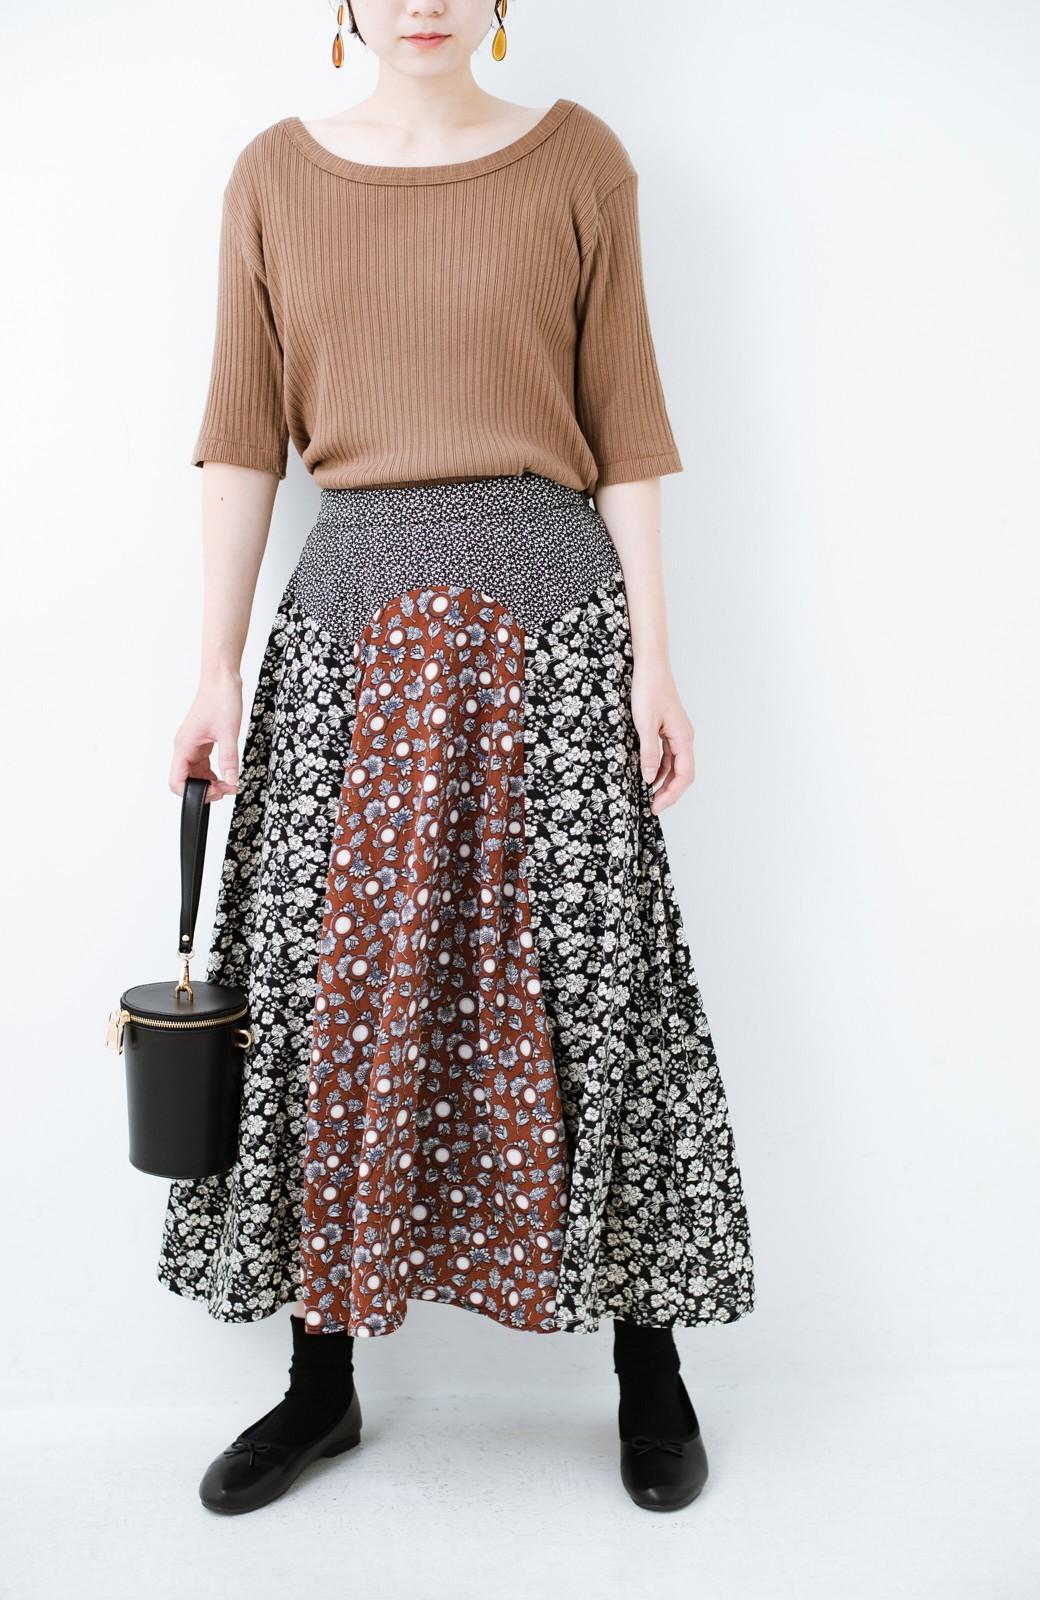 haco! 【洗濯機洗いOK】シンプルなトップスに合わせるだけでかわいくなれる MIX柄スカート <ブラックミックス>の商品写真2